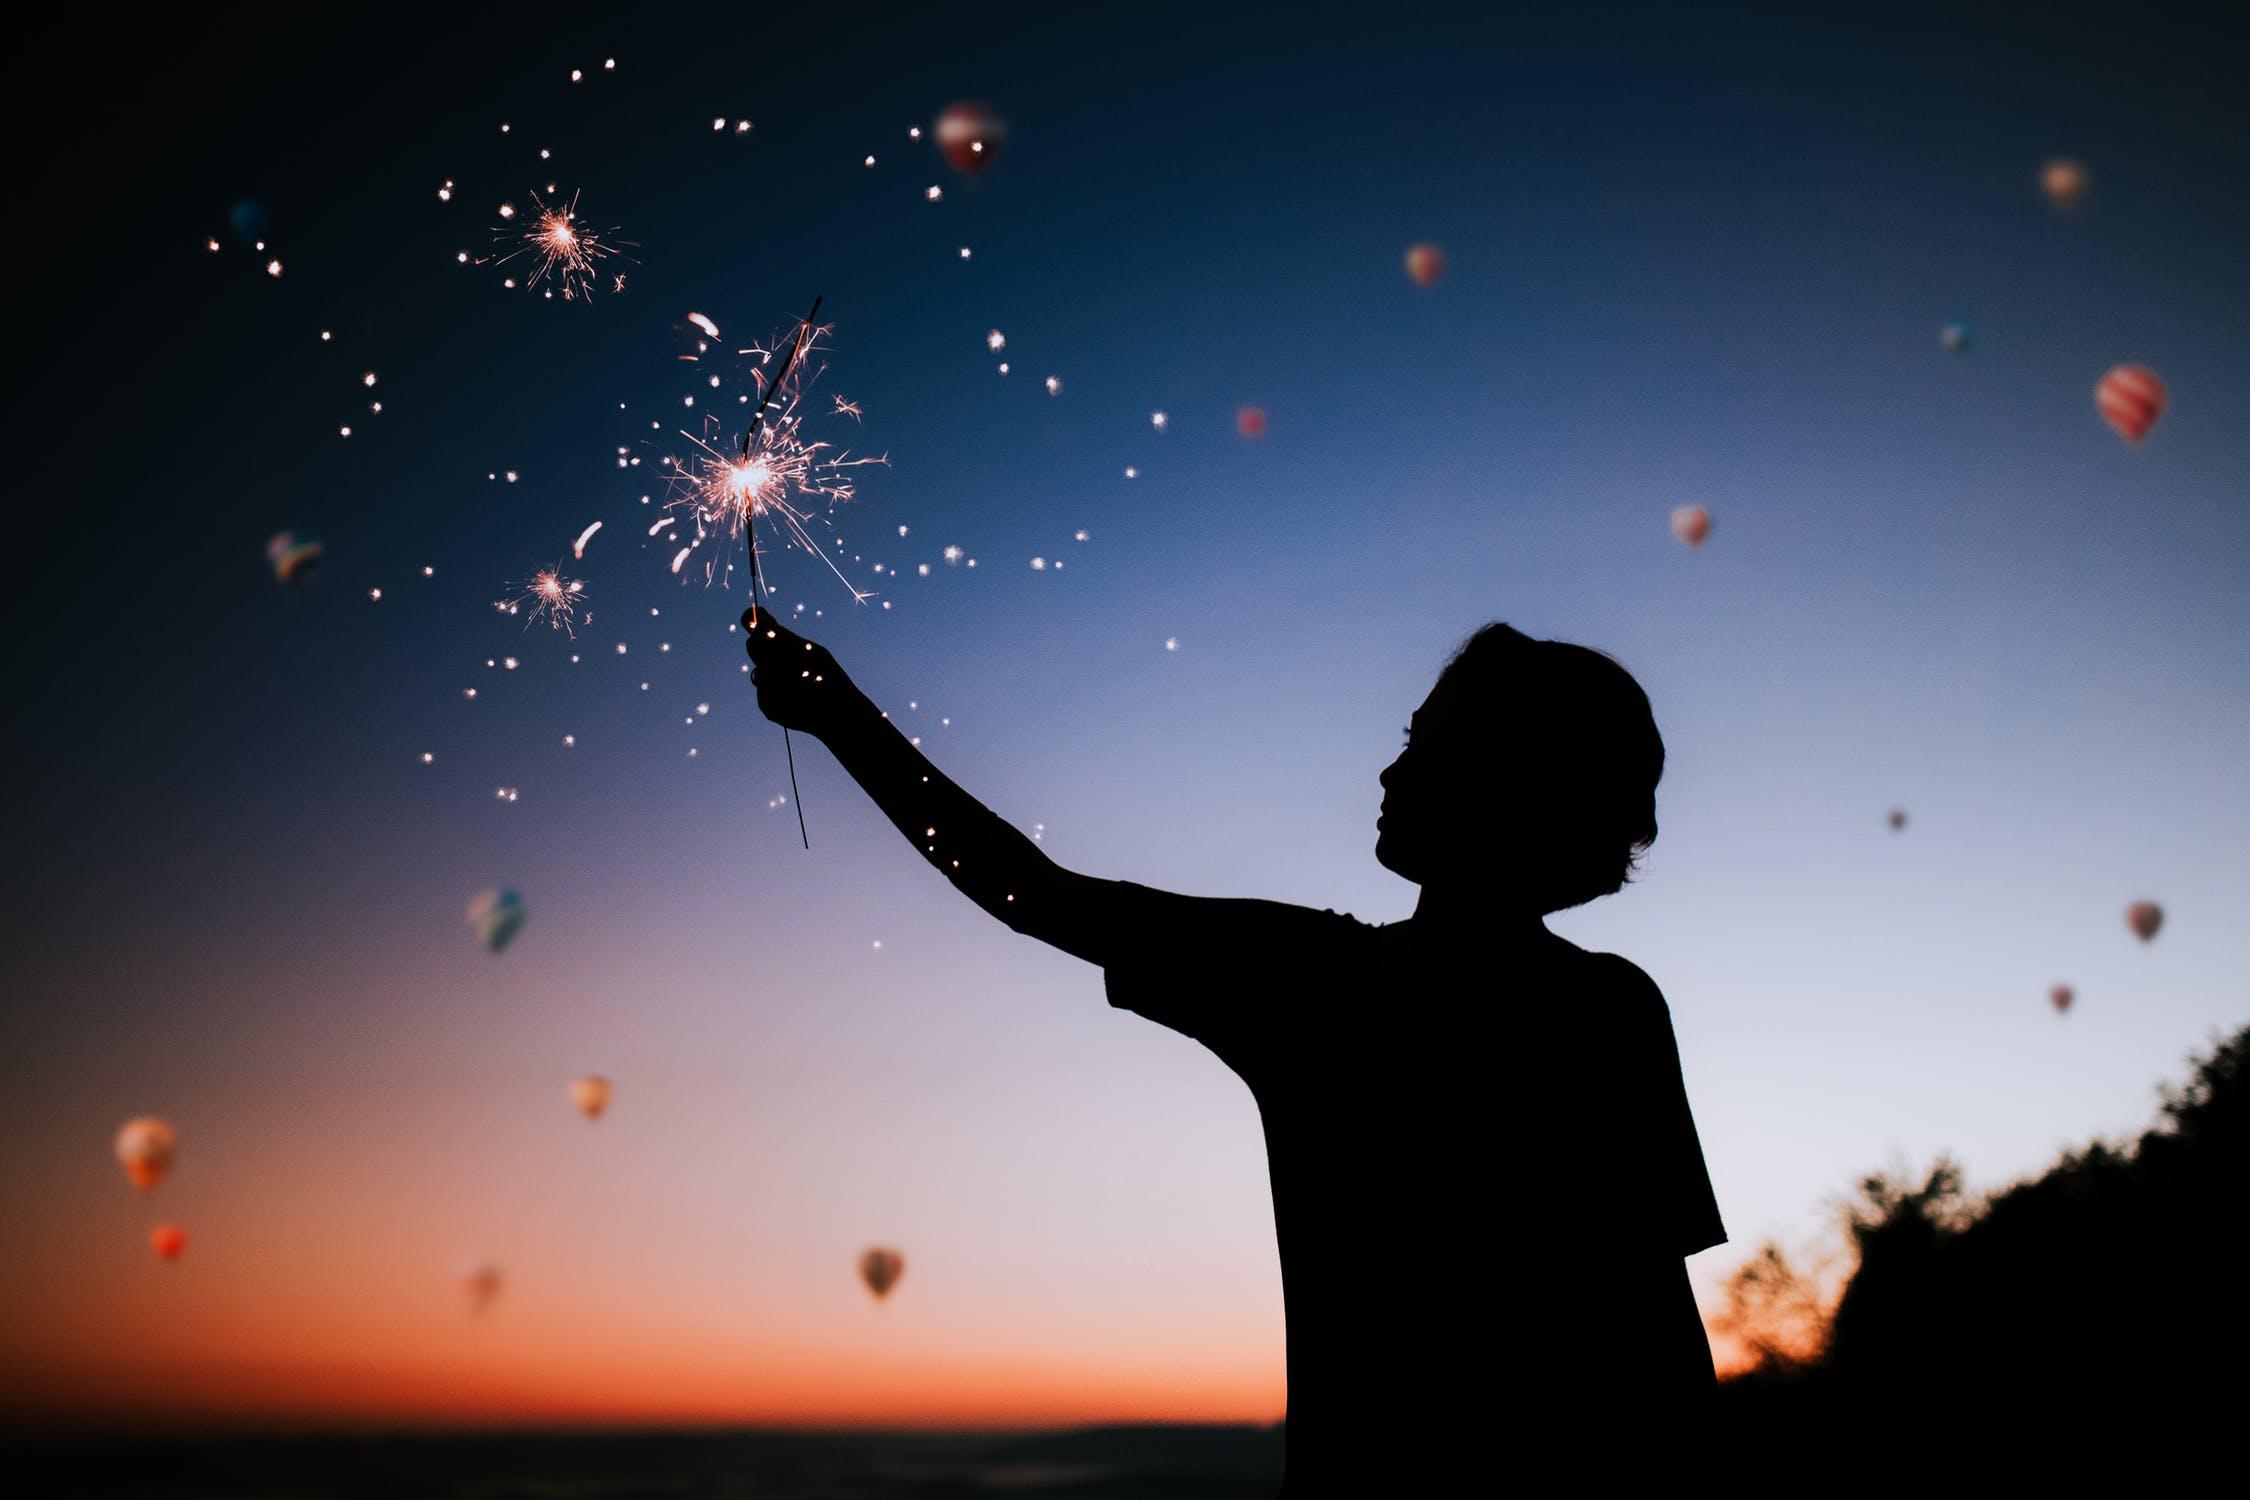 自分を責め続けてしまう時に使いたい 心が楽になる魔法の言葉